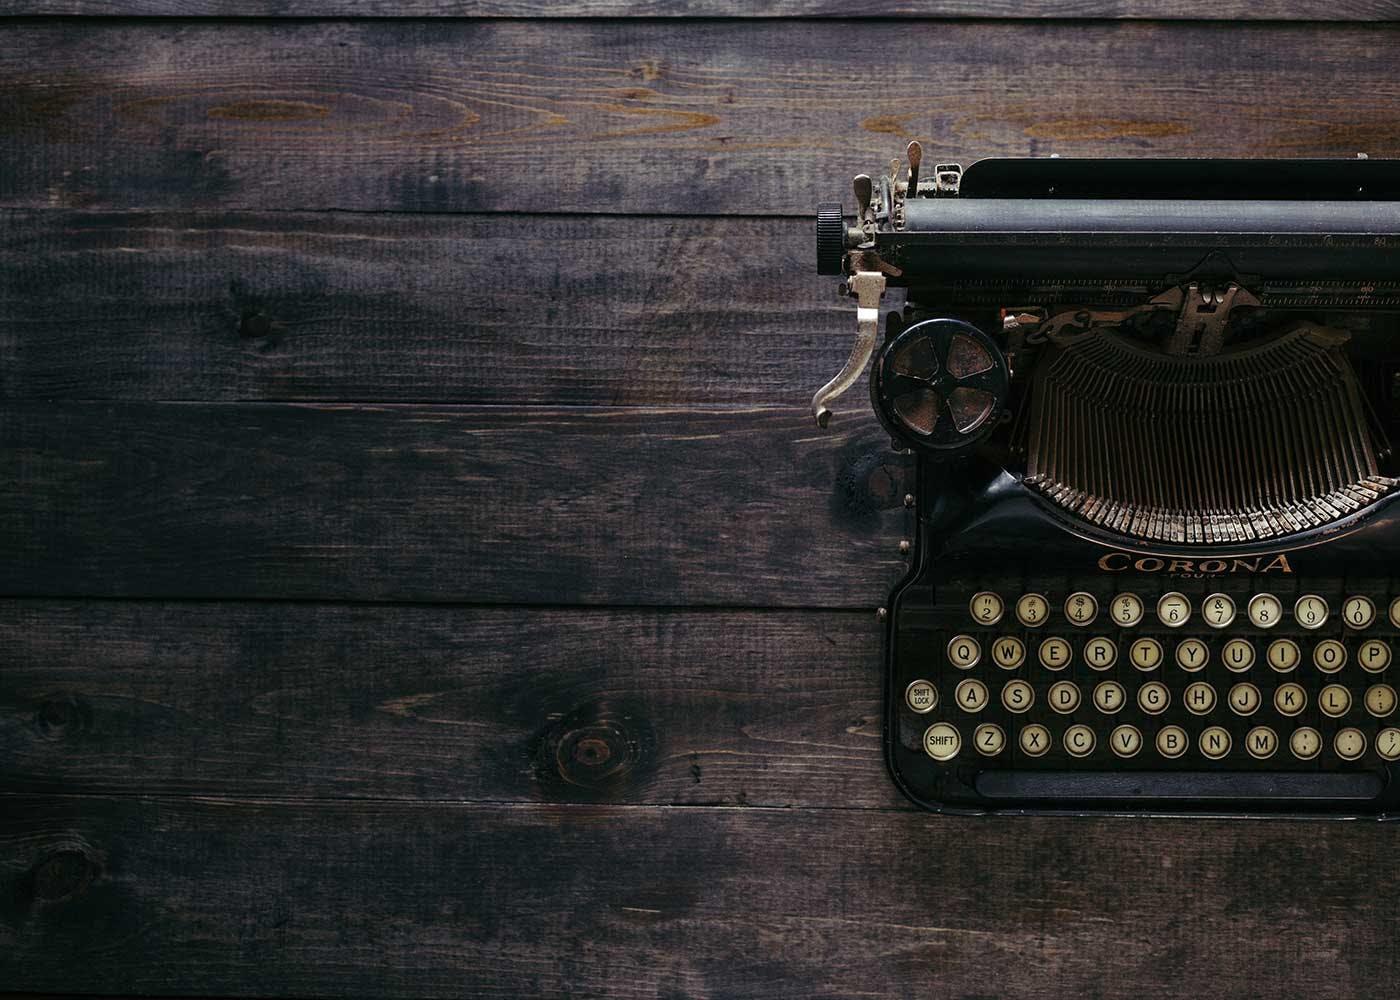 Old black typewriter on a wooden desk